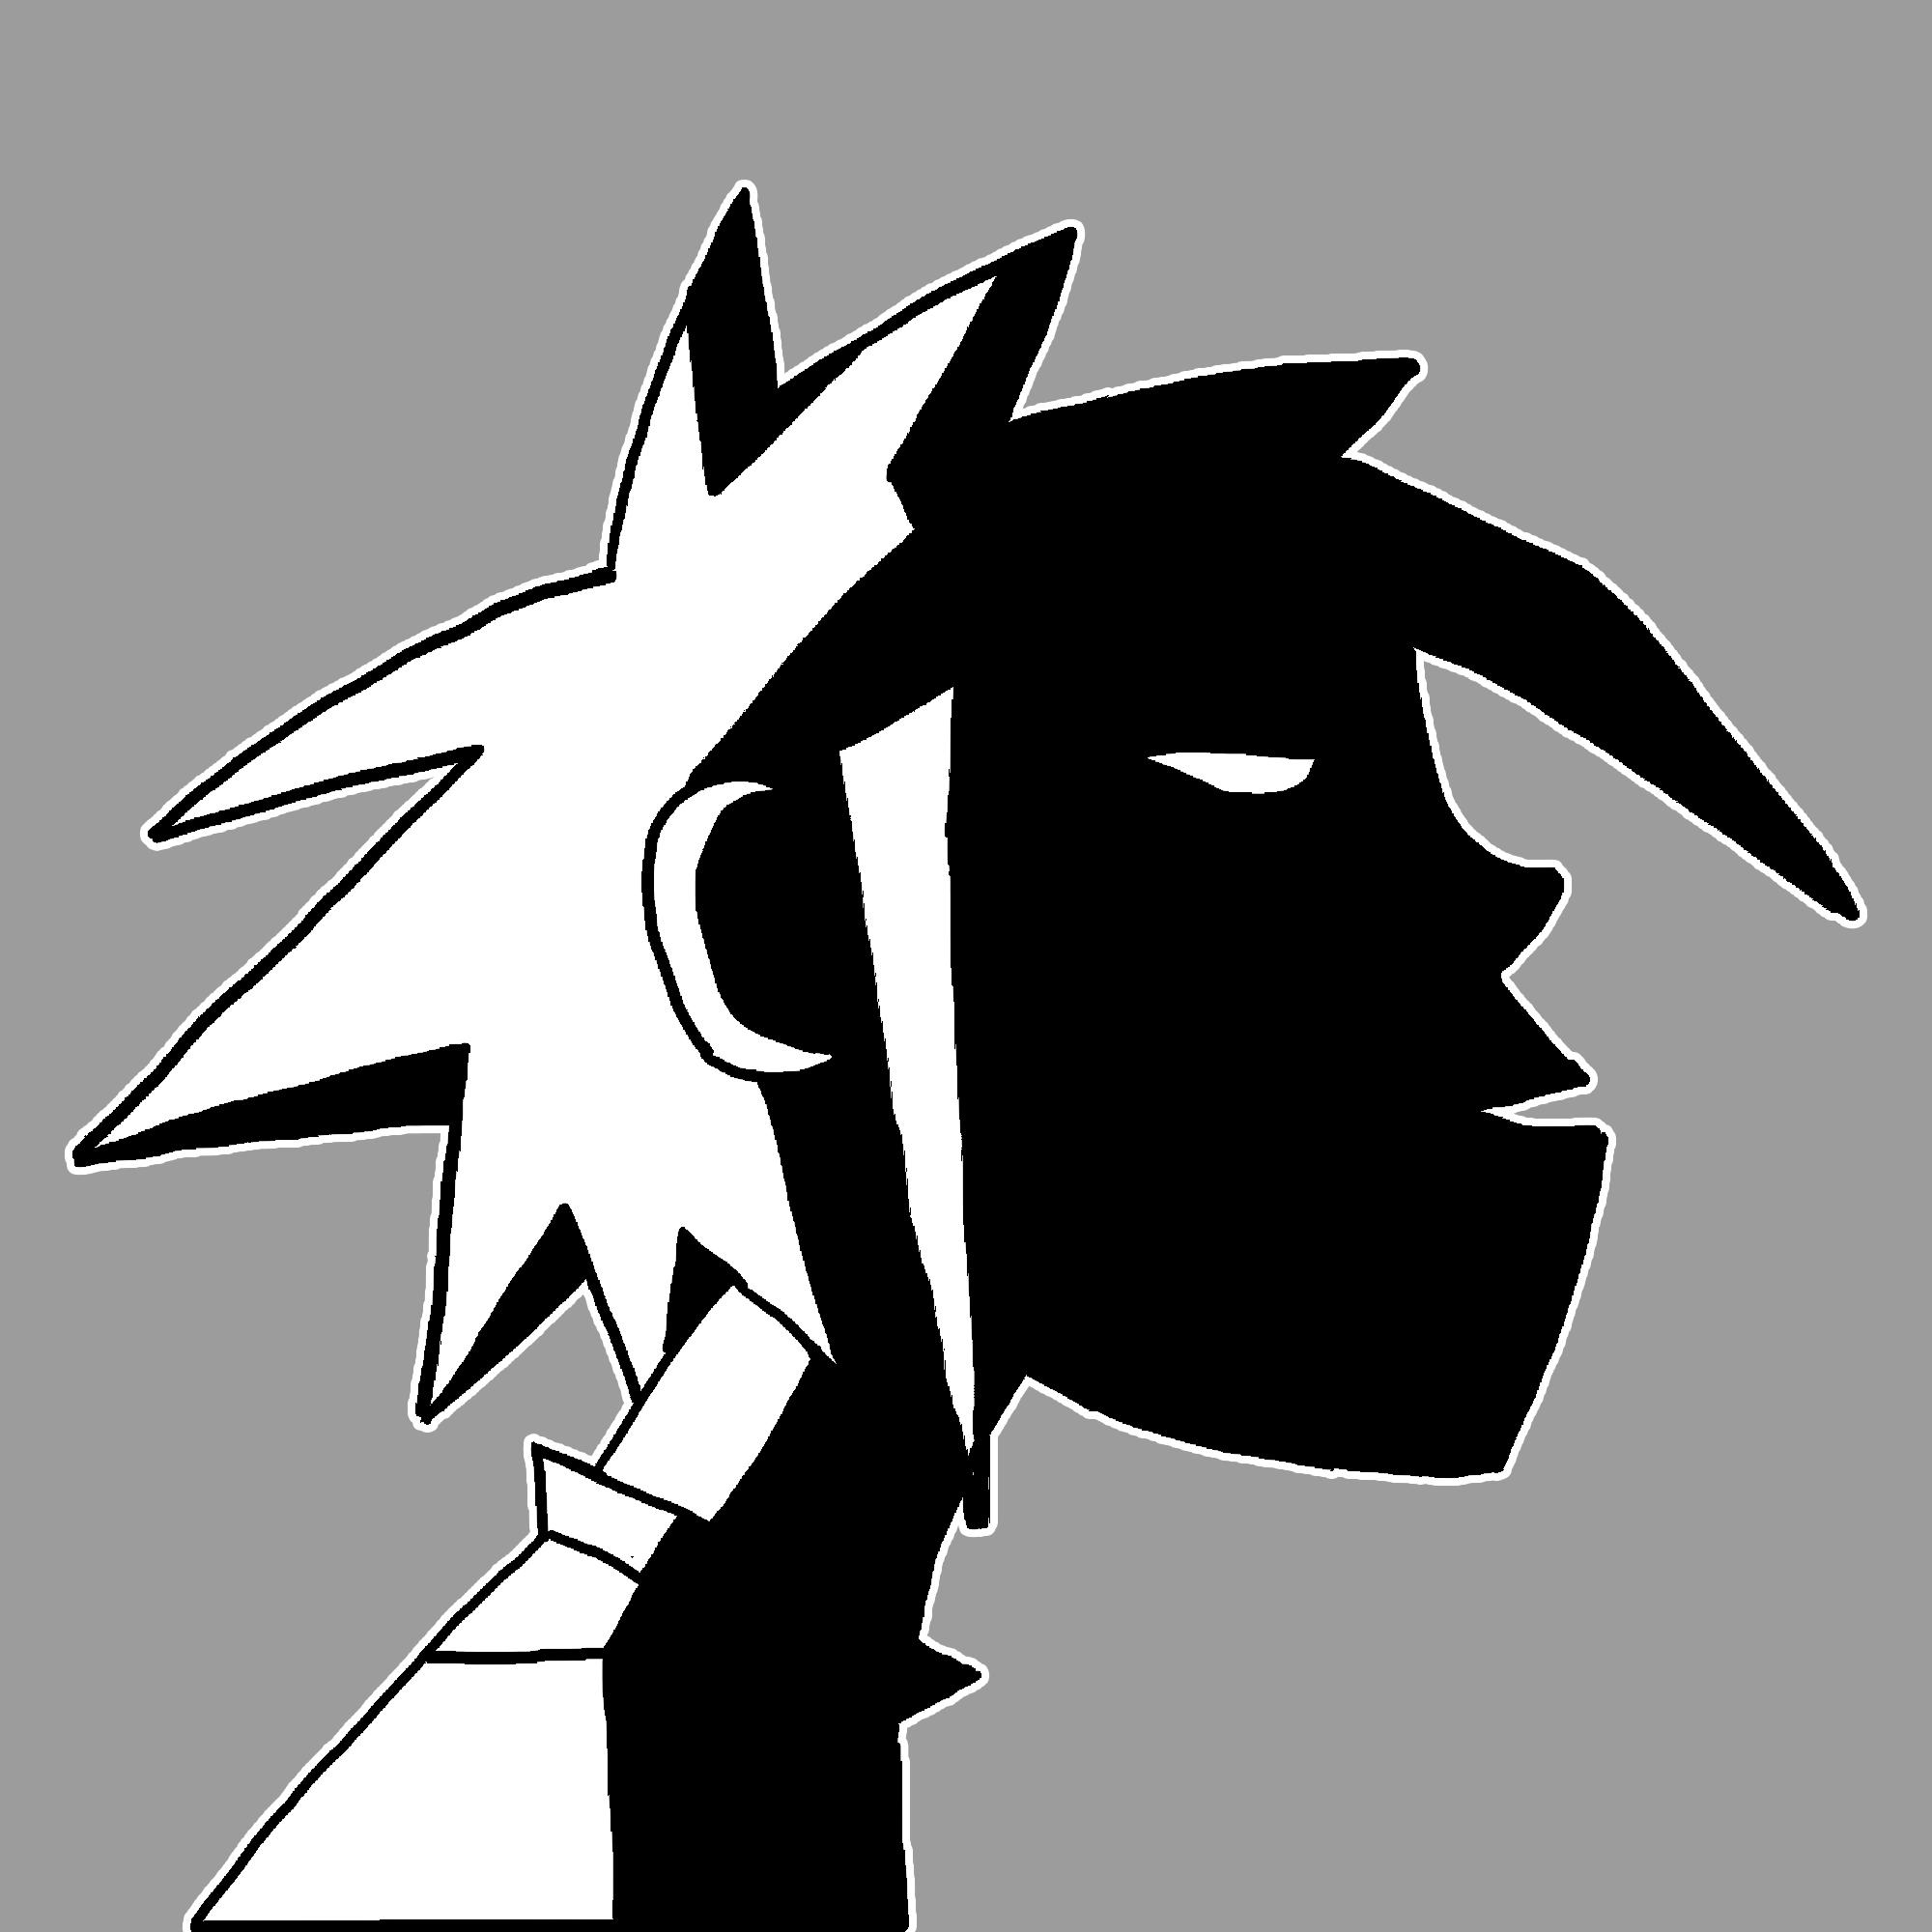 Black & White 2-D Fan art